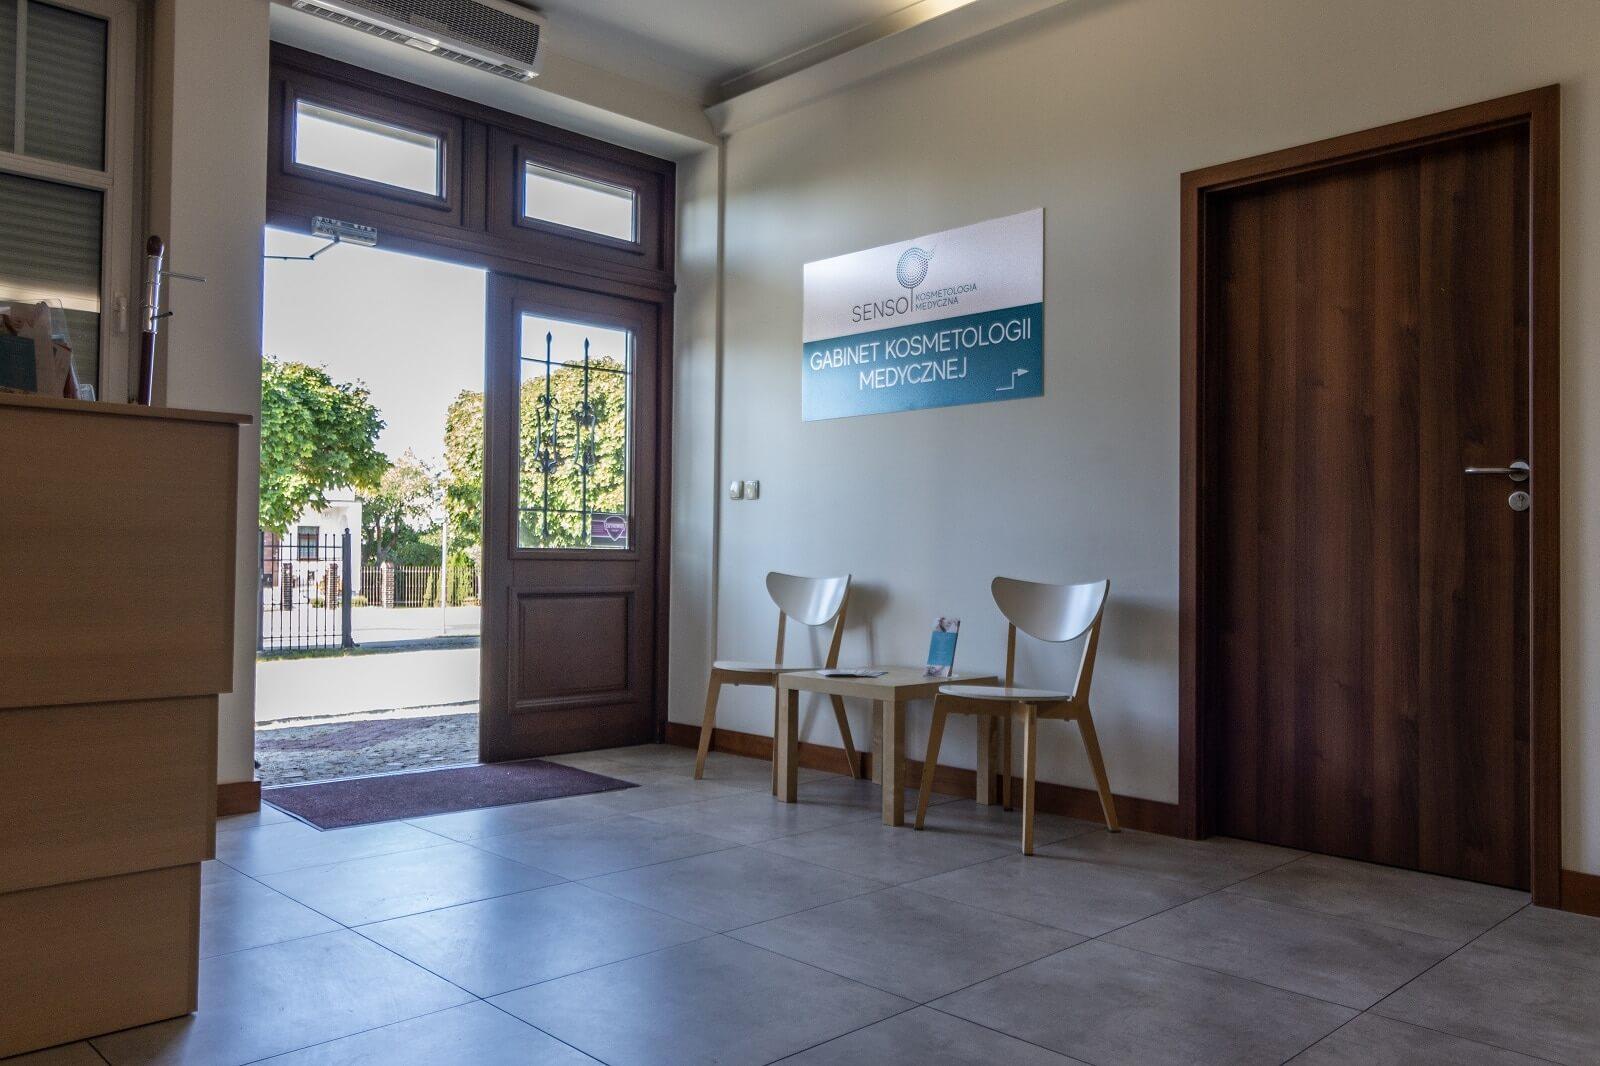 wejście do gabinetu